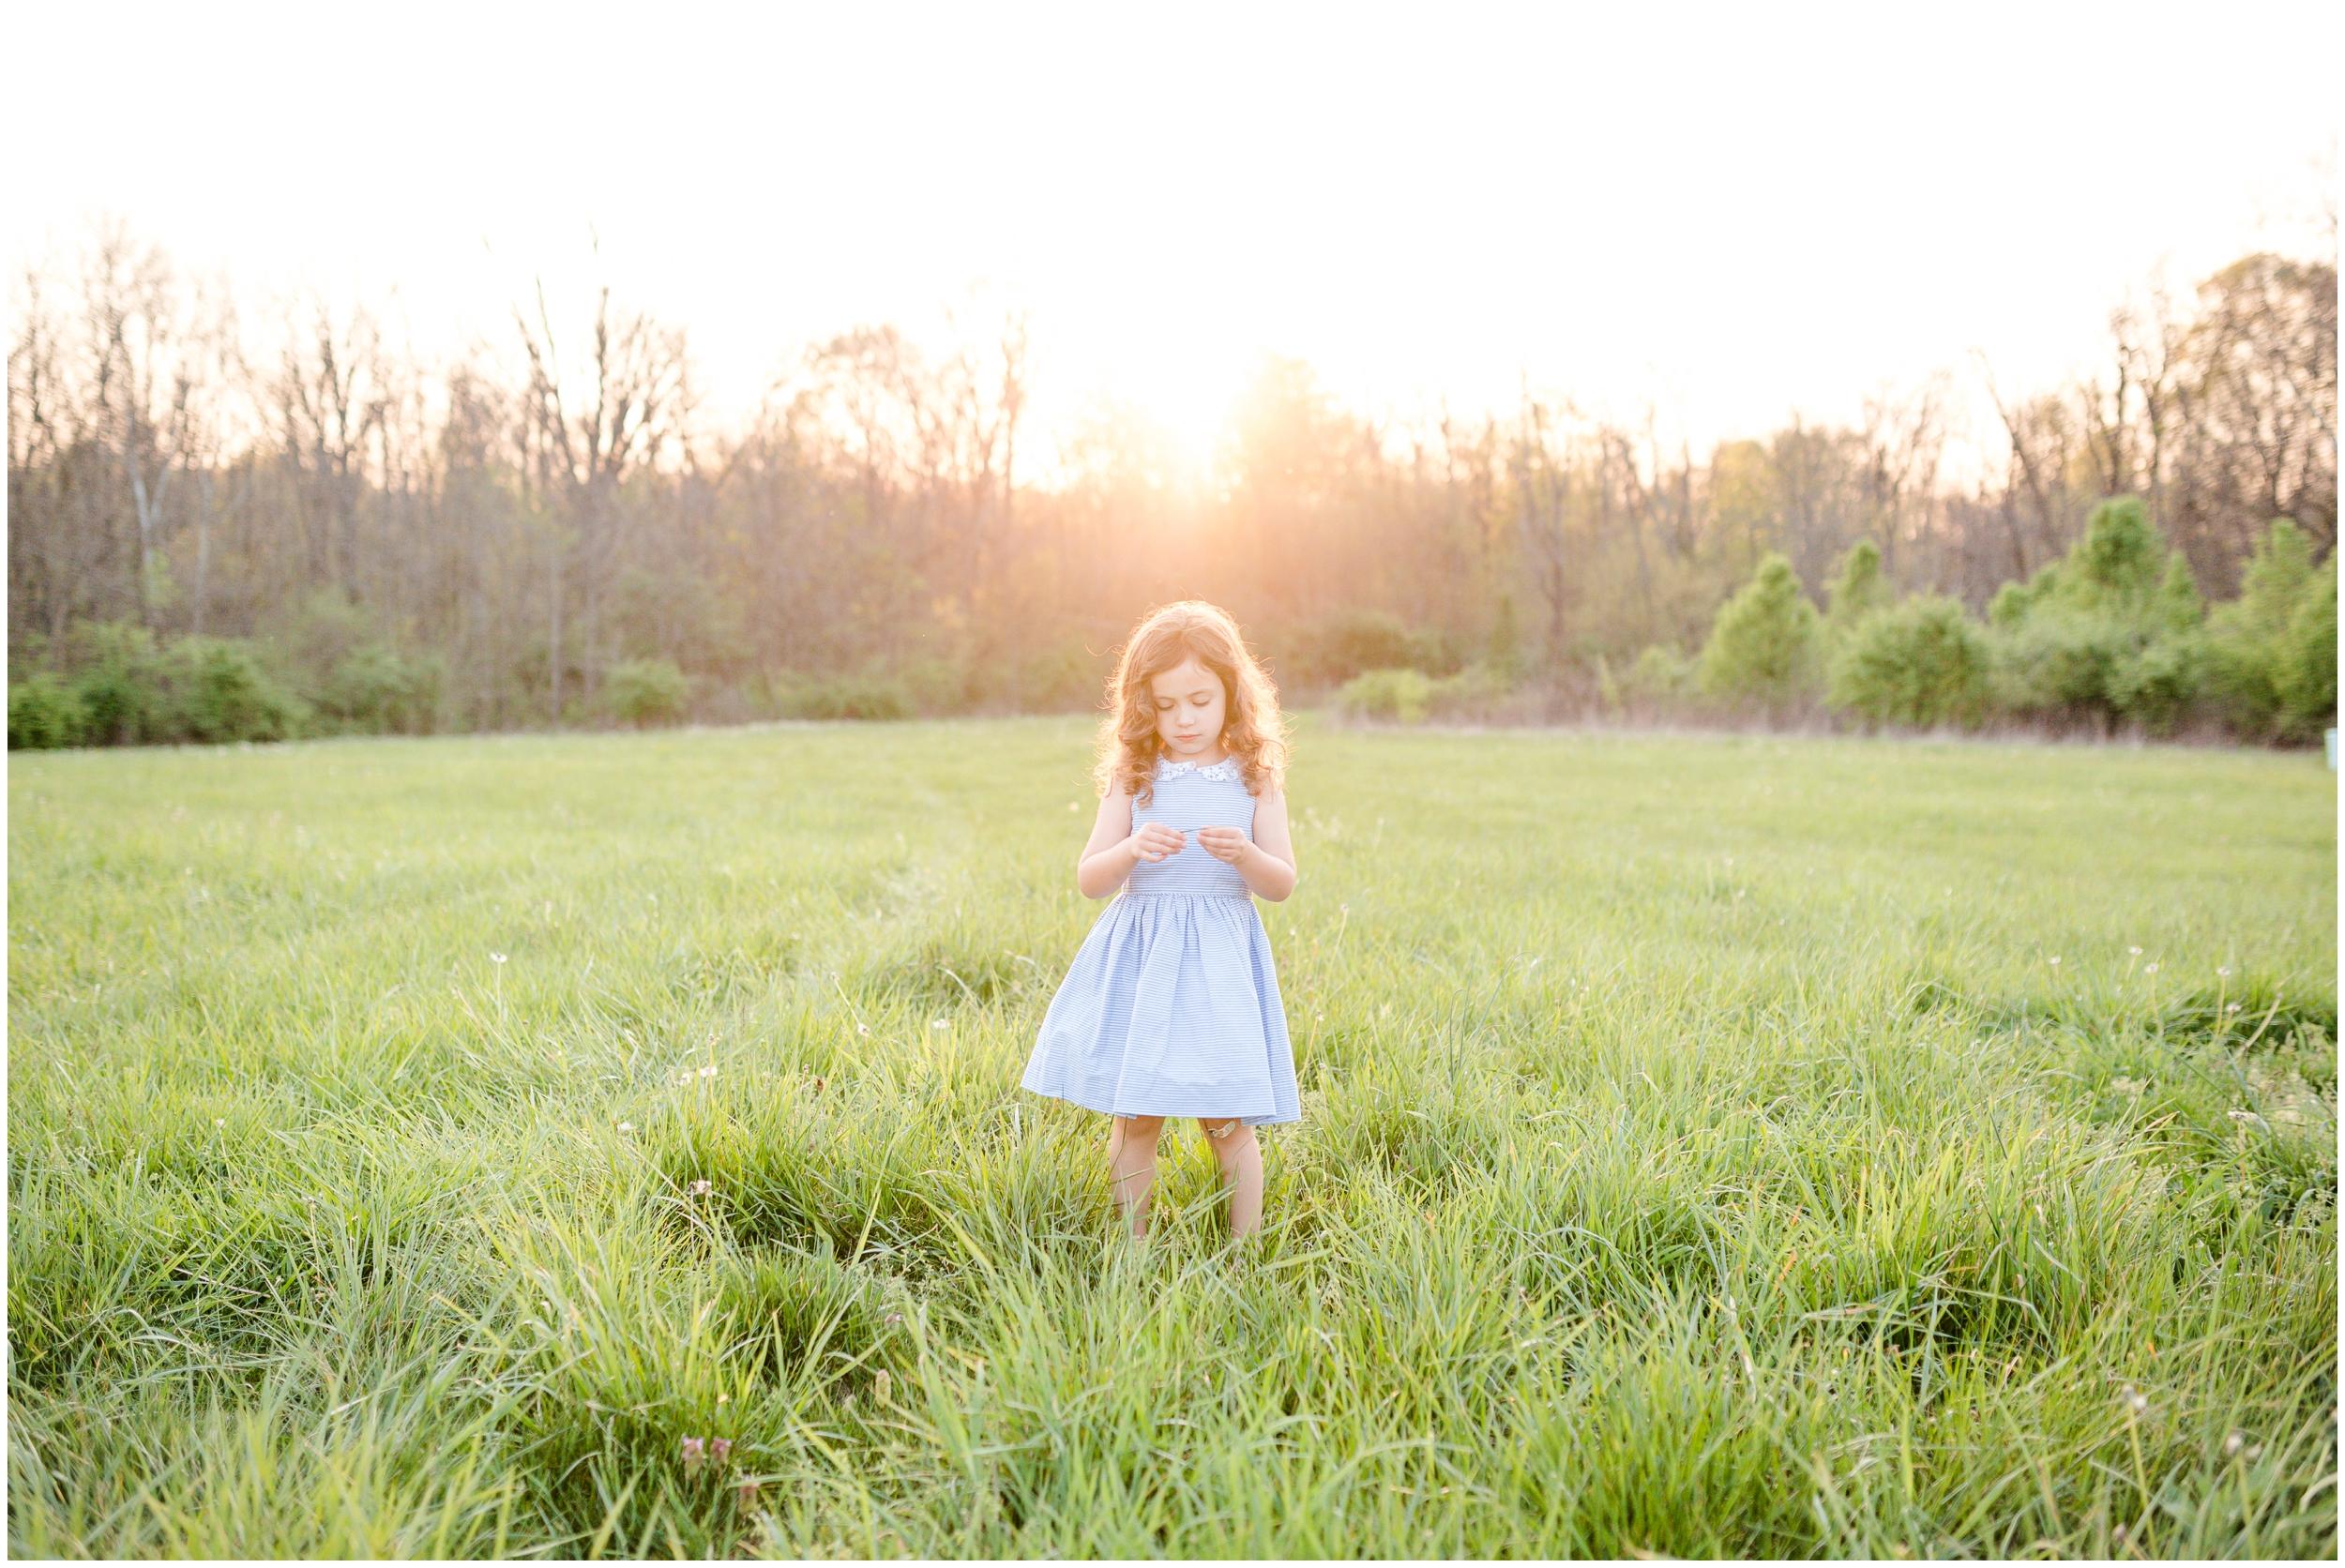 lexington-ky-family-lifestyle-photography-Priscilla-Baierlein-Photography_0278.jpg